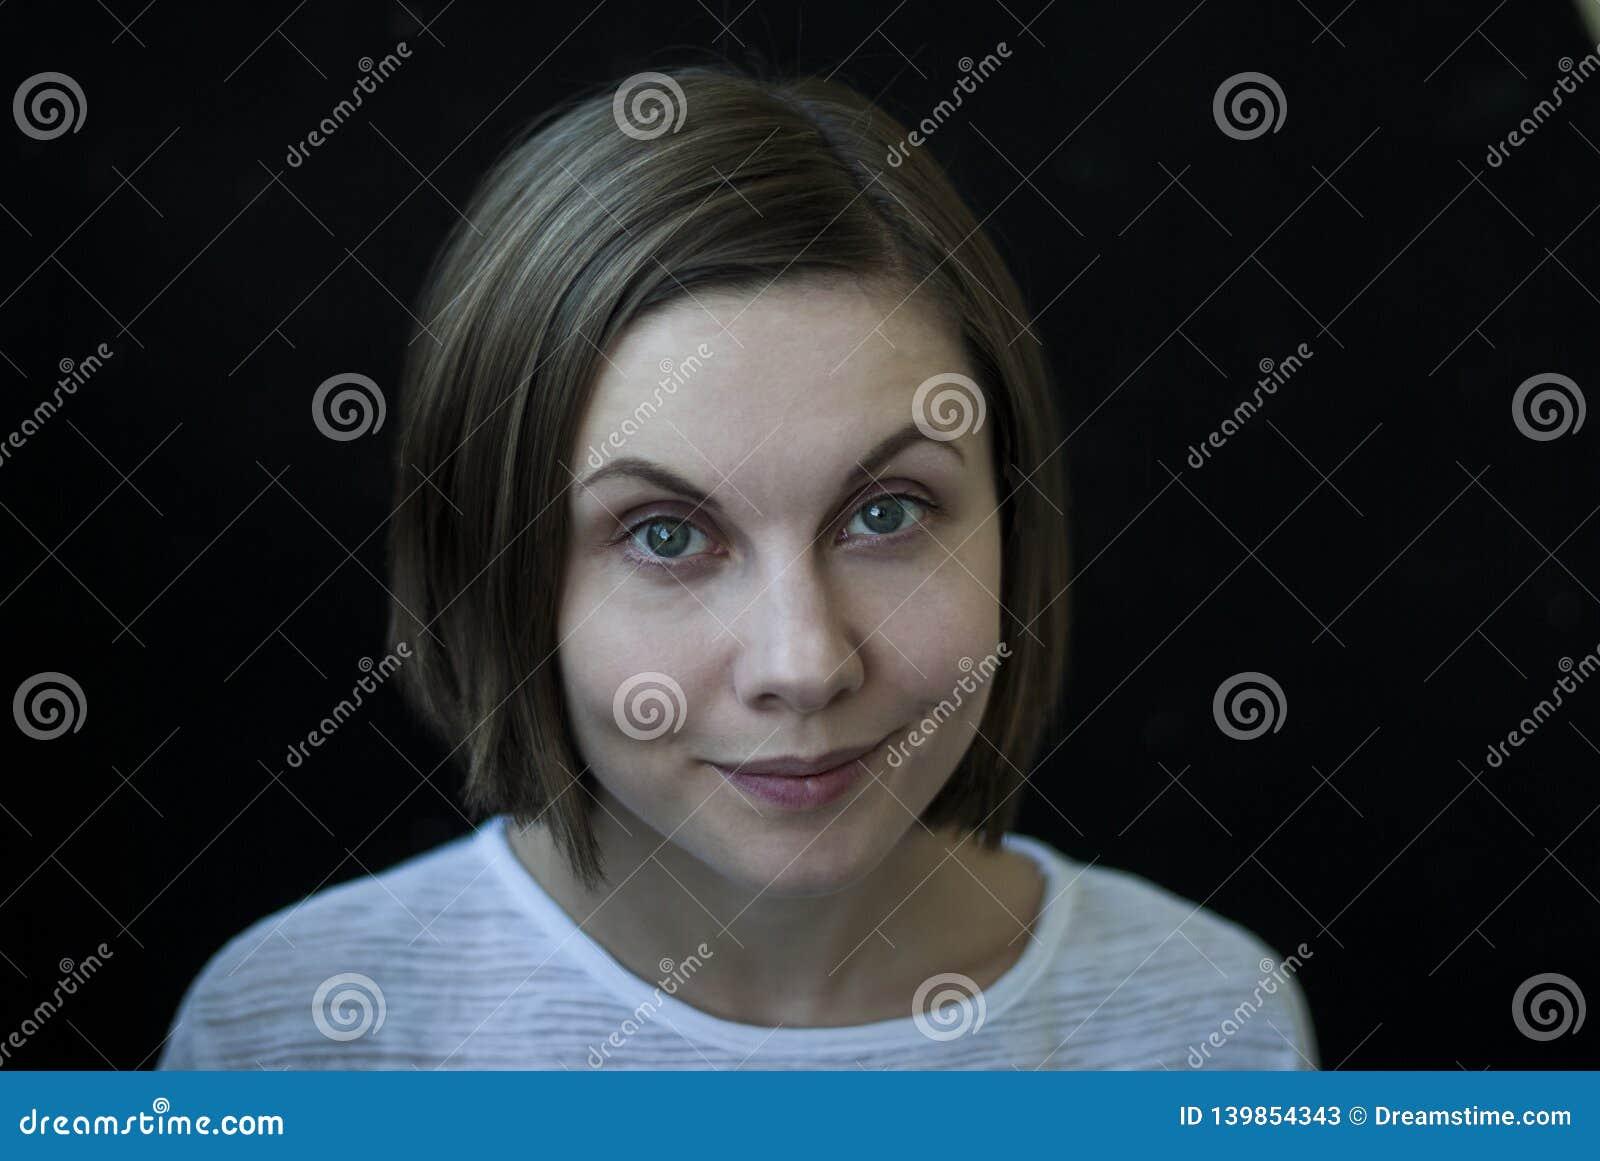 Портрет молодой женщины на черной предпосылке, конце-вверх, выражении лица в реальном маштабе времени